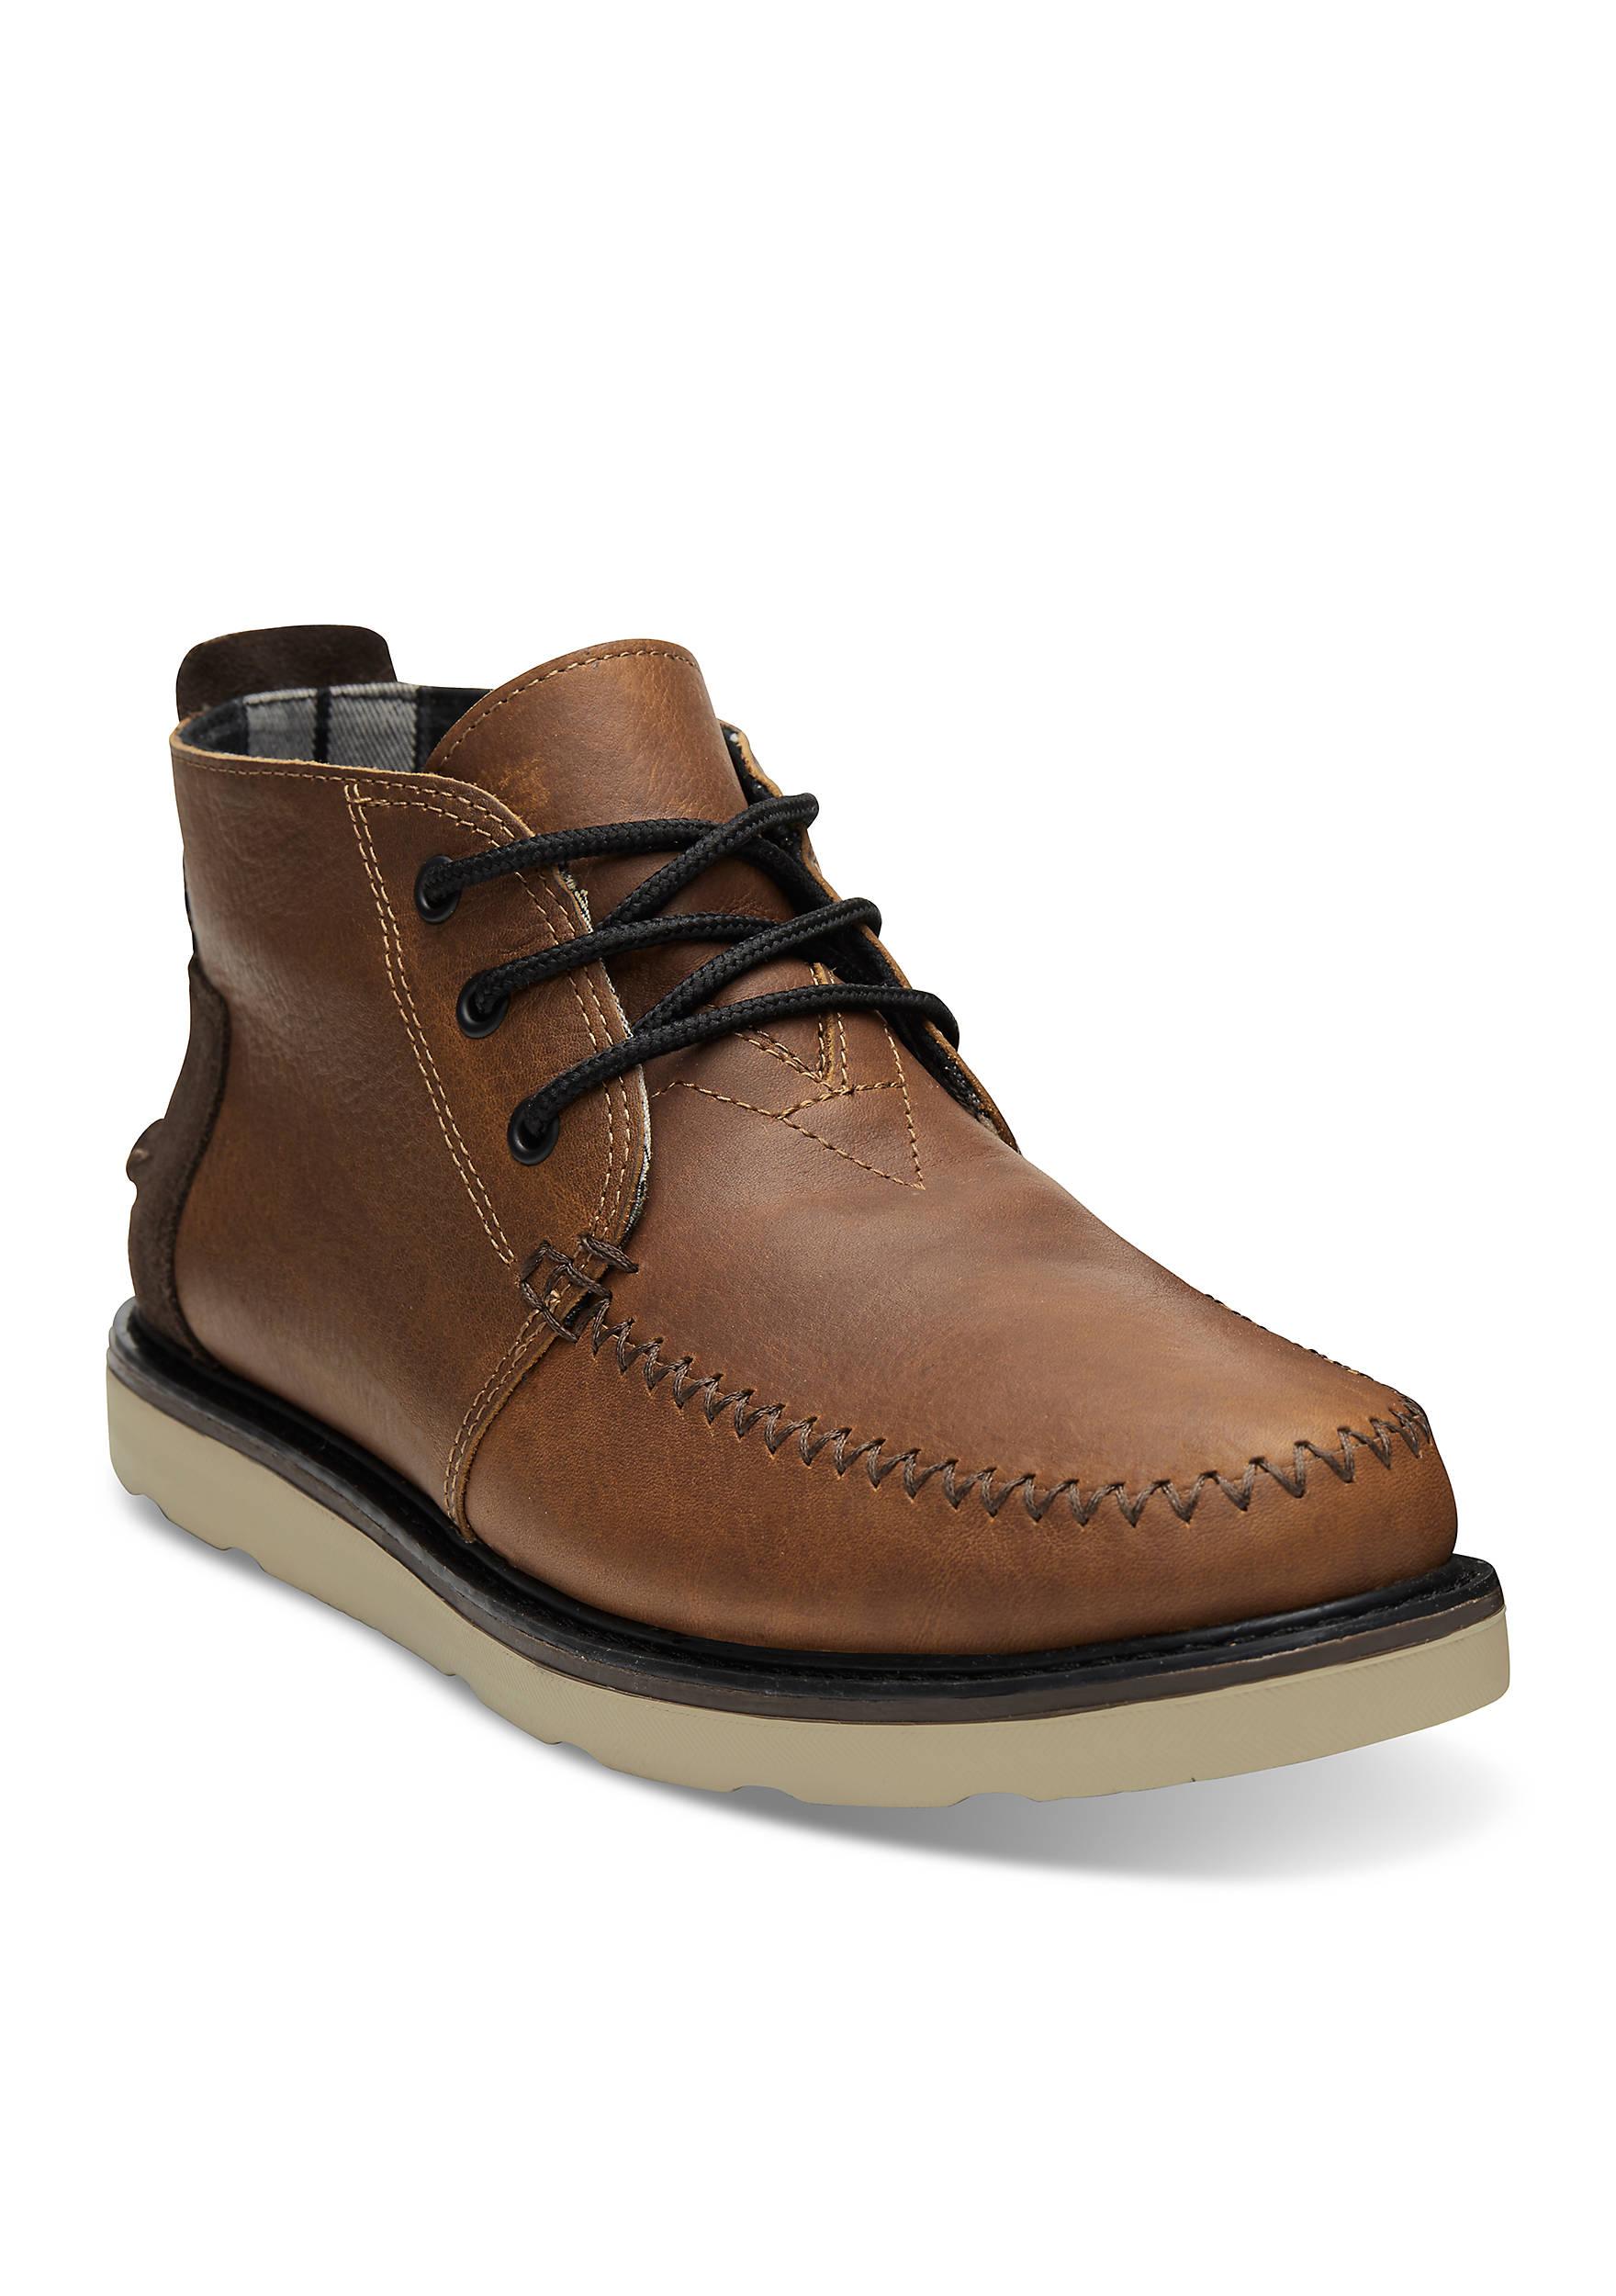 TOMS® Waterproof Chukka Boots | belk